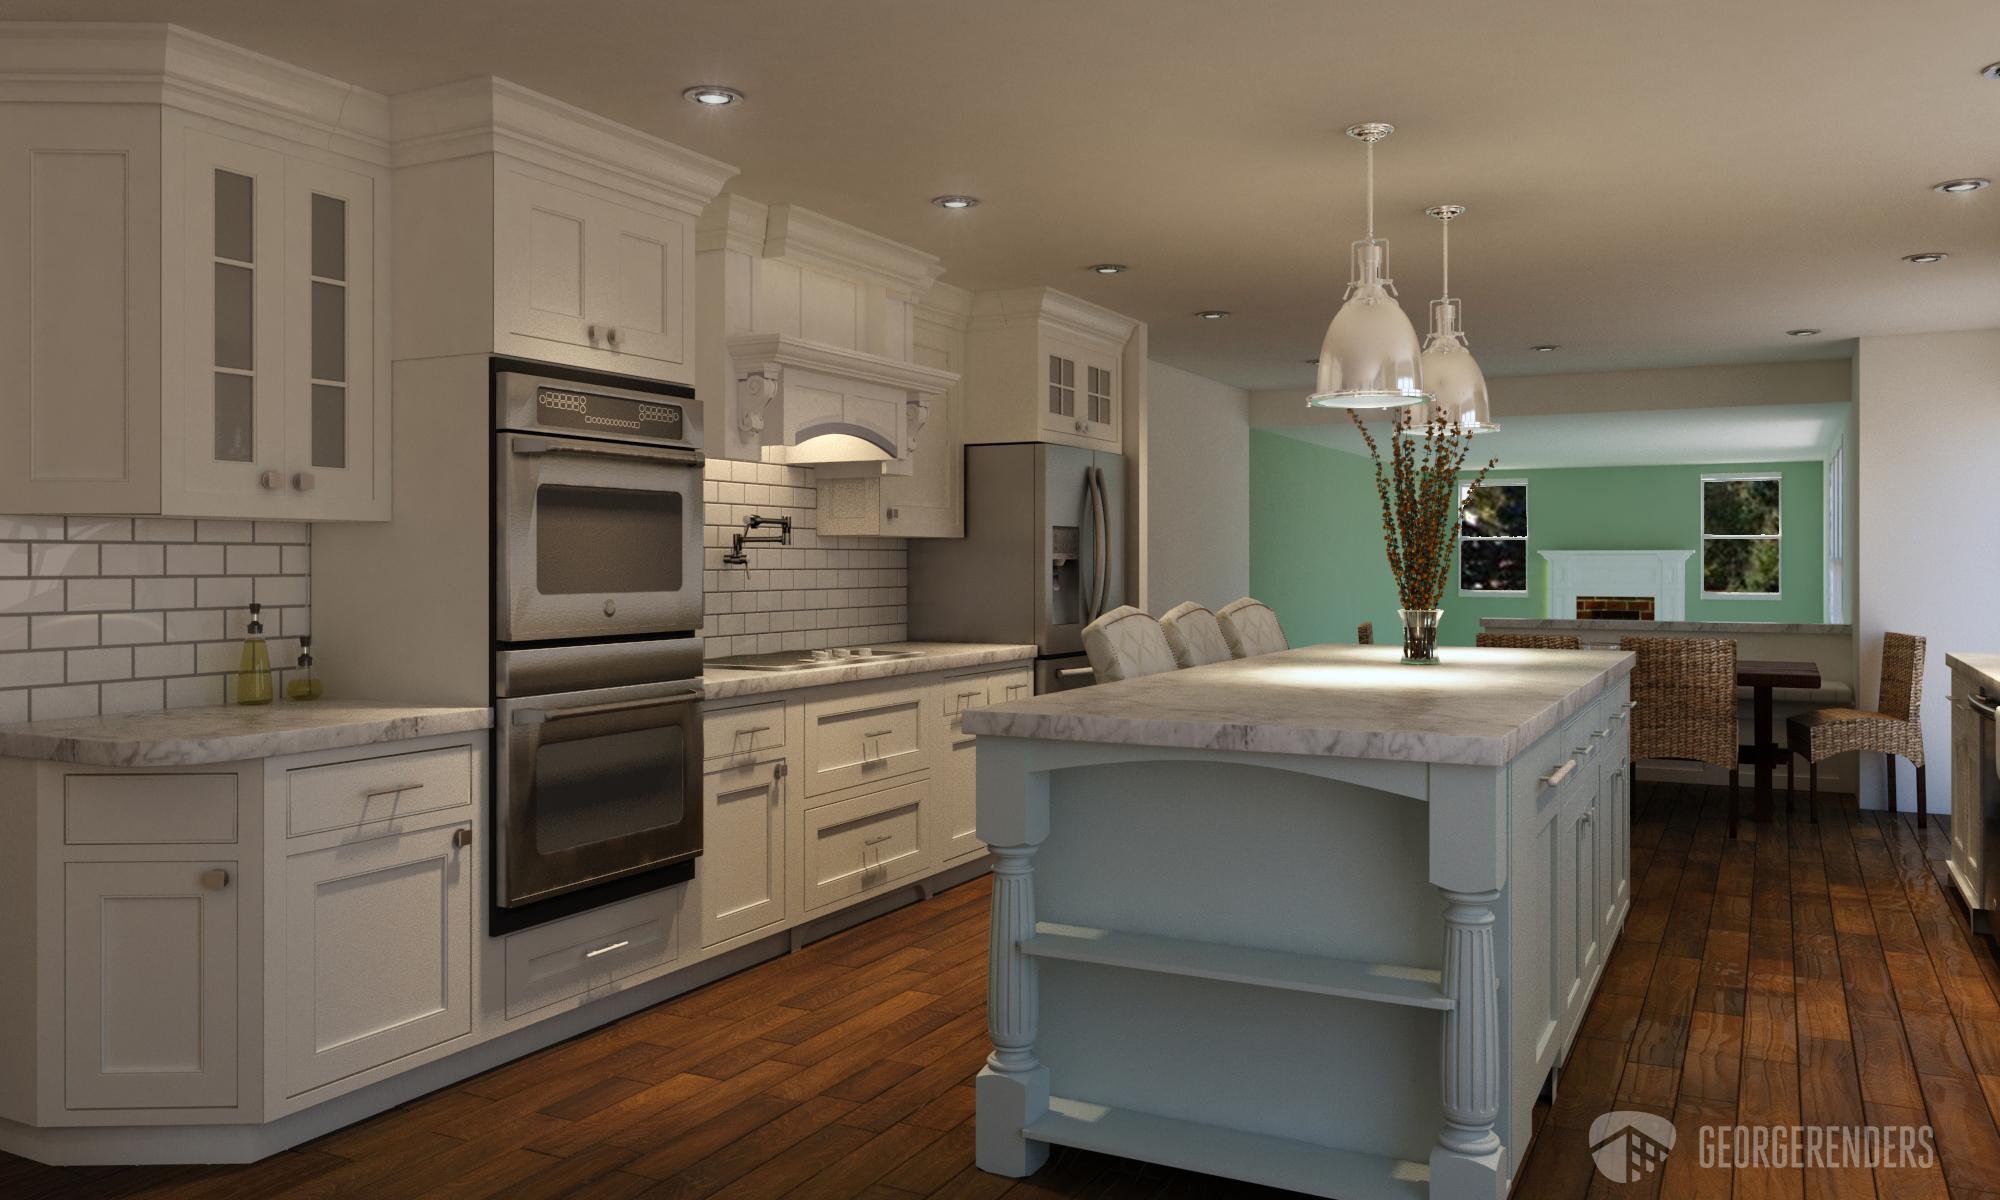 Malvern-kitchen-View-B-final_LR